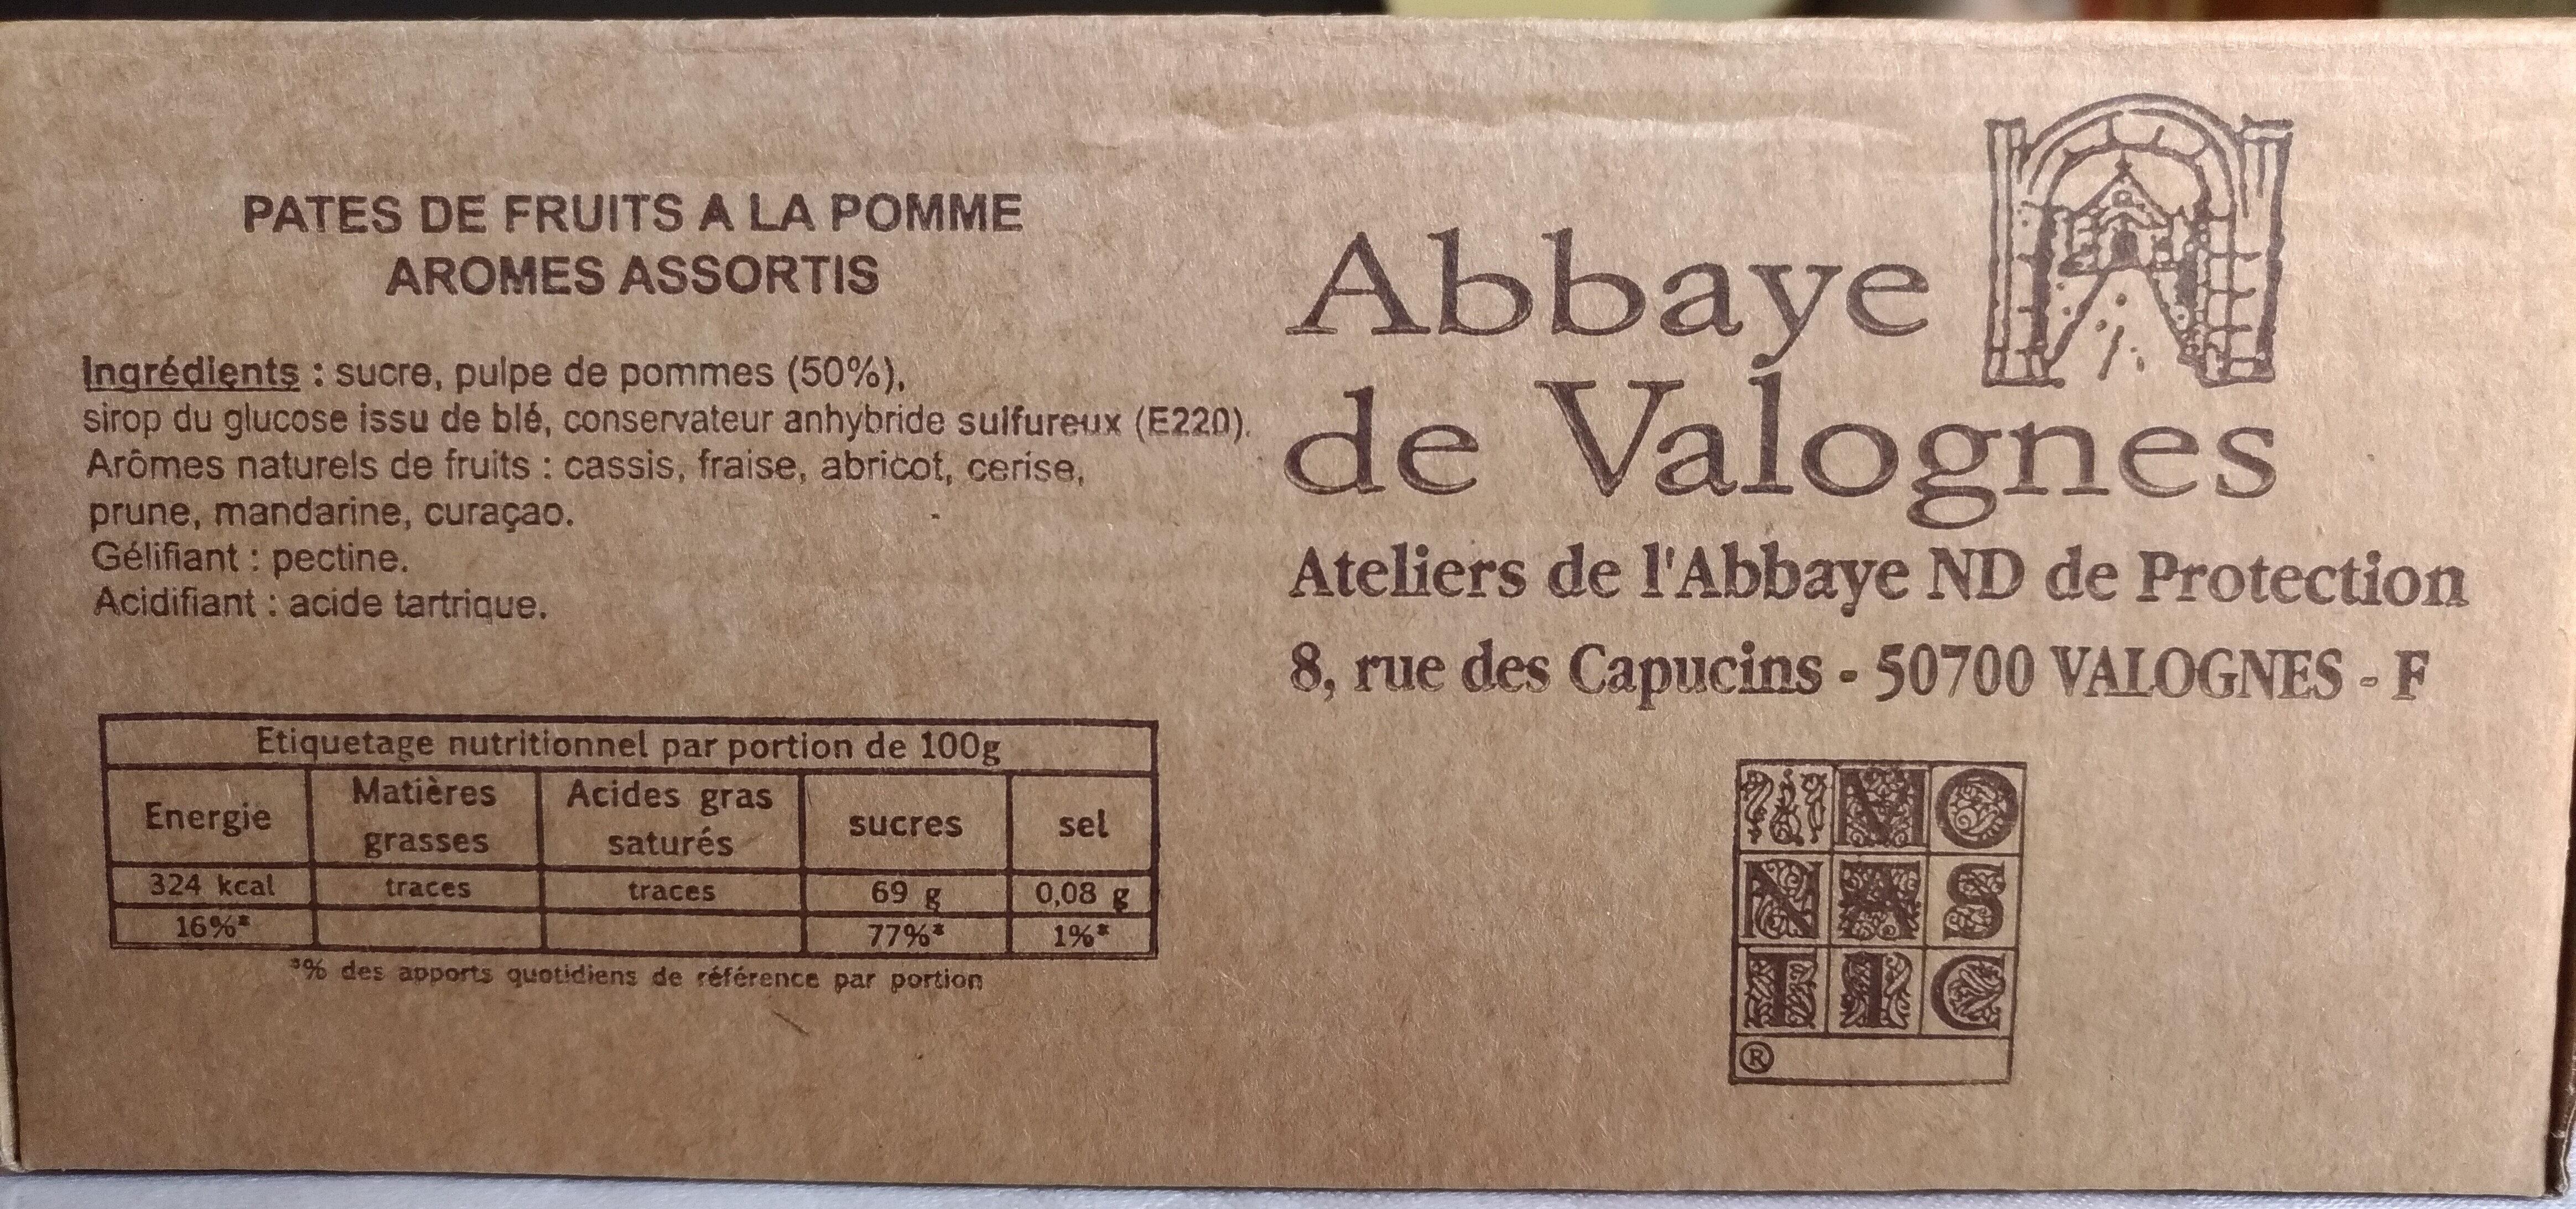 Pâtes de fruits de l'abbaye de valognes - Product - fr